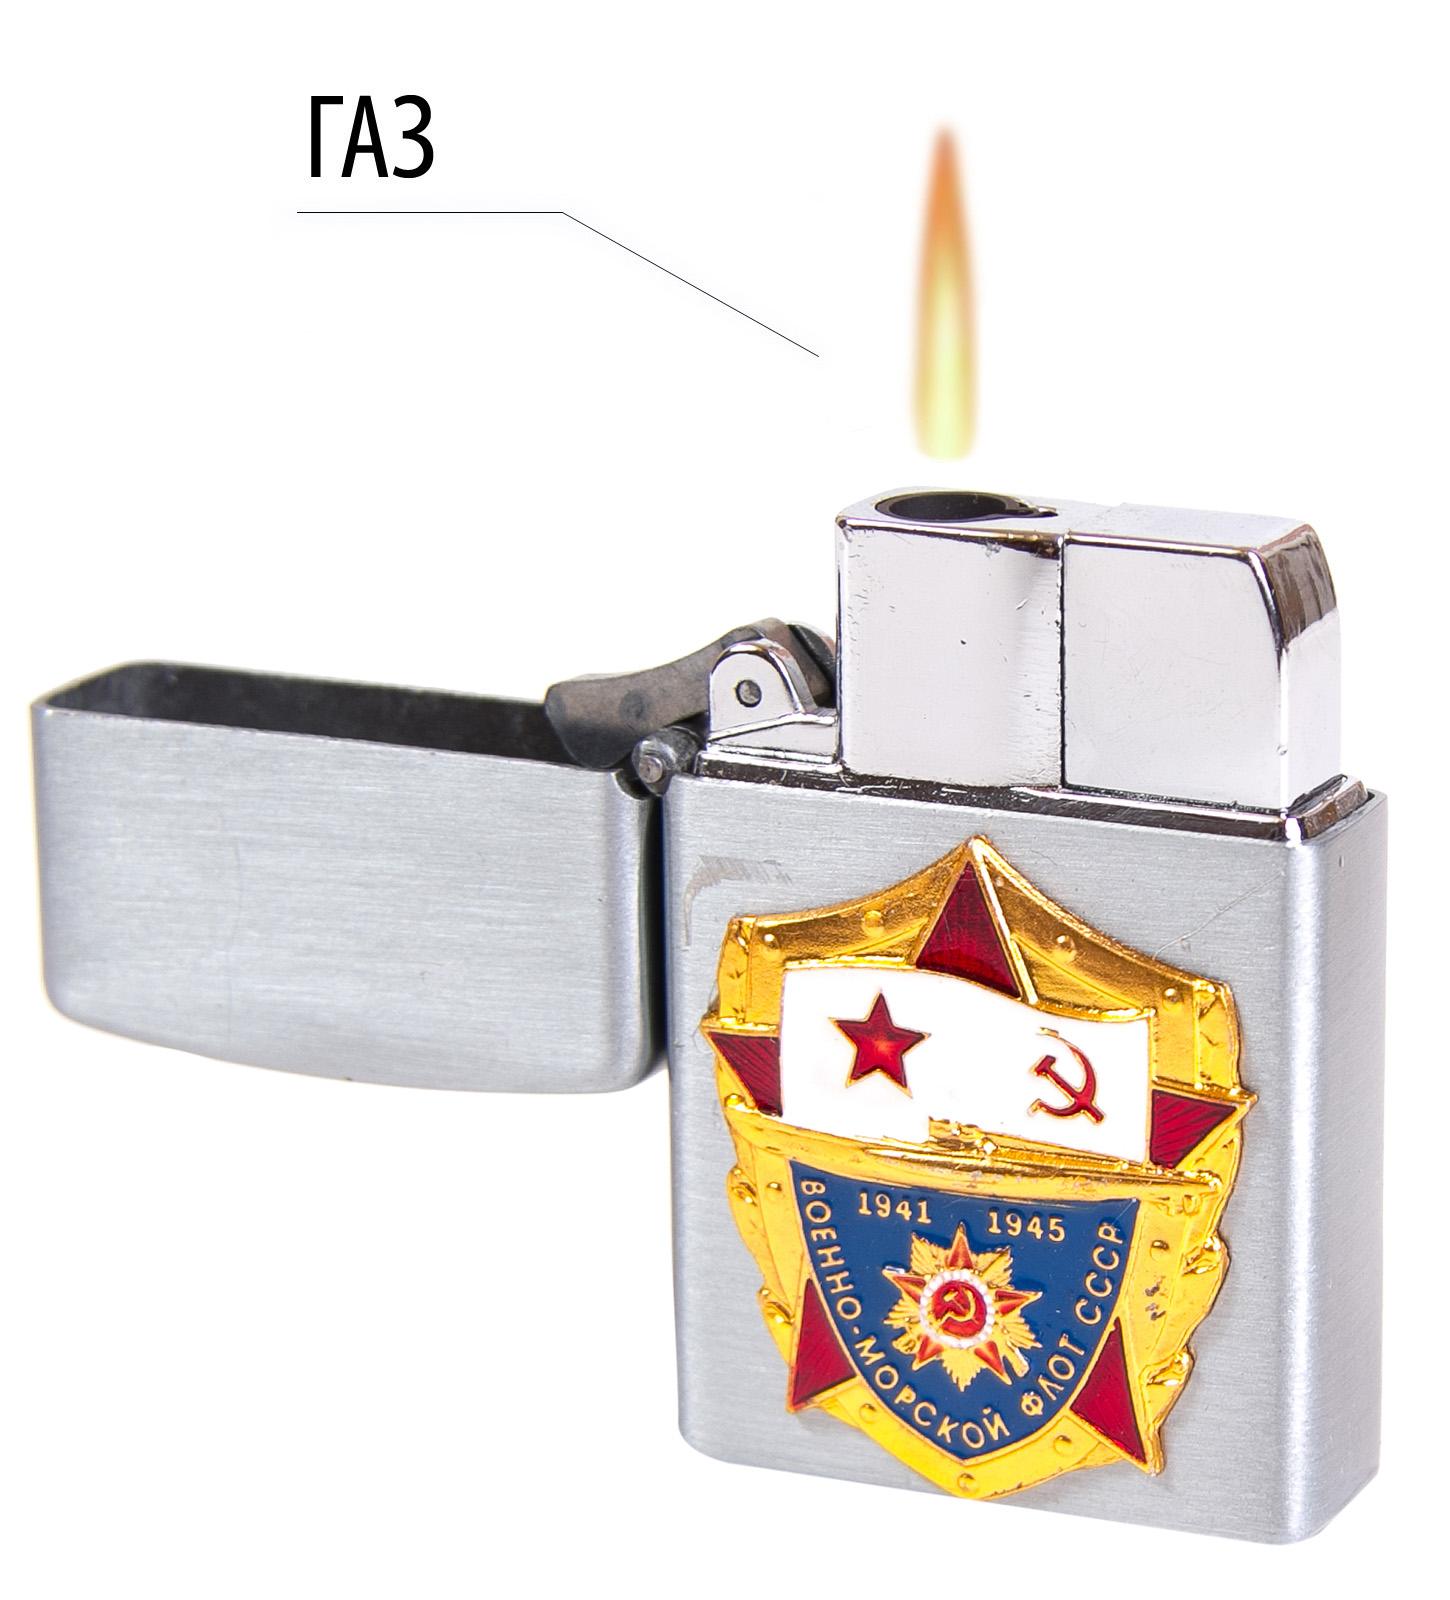 Оригинальная газовая зажигалка ветерану ВМФ